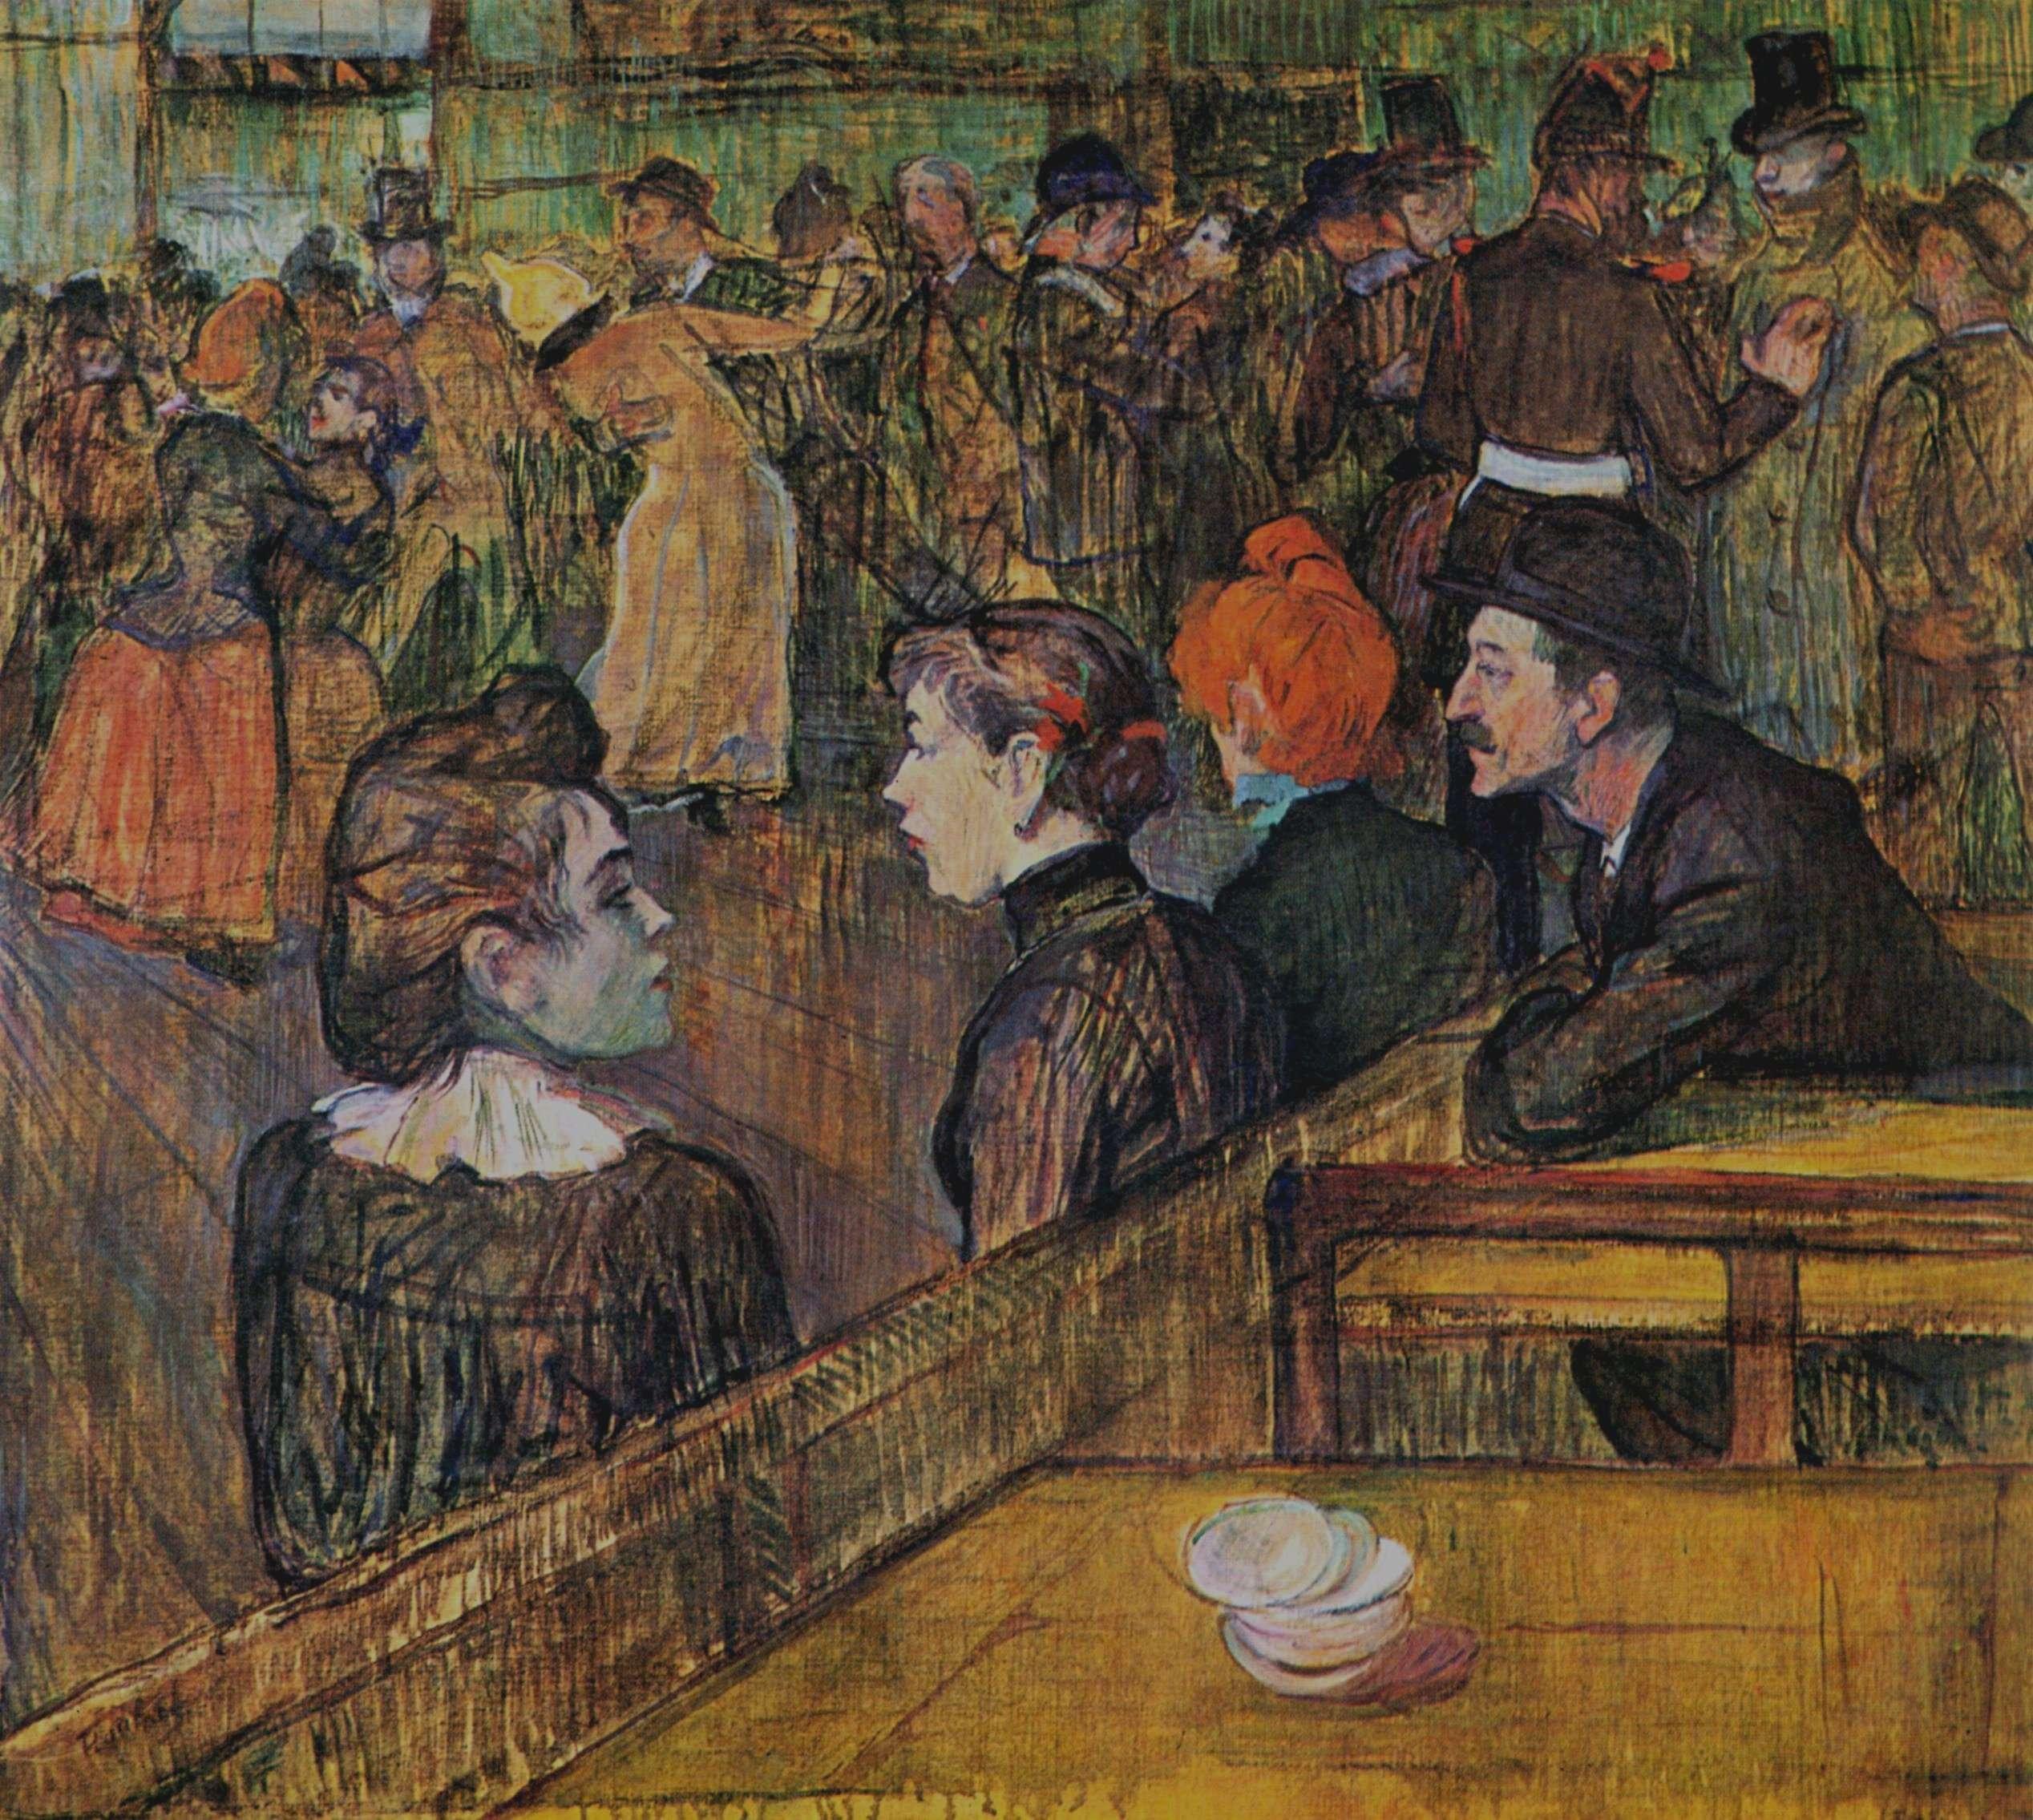 Ανρί ντε Τουλούζ-Λωτρέκ (Henri Marie Raymond de Toulouse-Lautrec-Monfa, 24 Νοεμβρίου 1864 - 9 Σεπτεμβρίου 1901). Χορός στο Moulin de la Galette, 1889, Σικάγο, Art Institute.